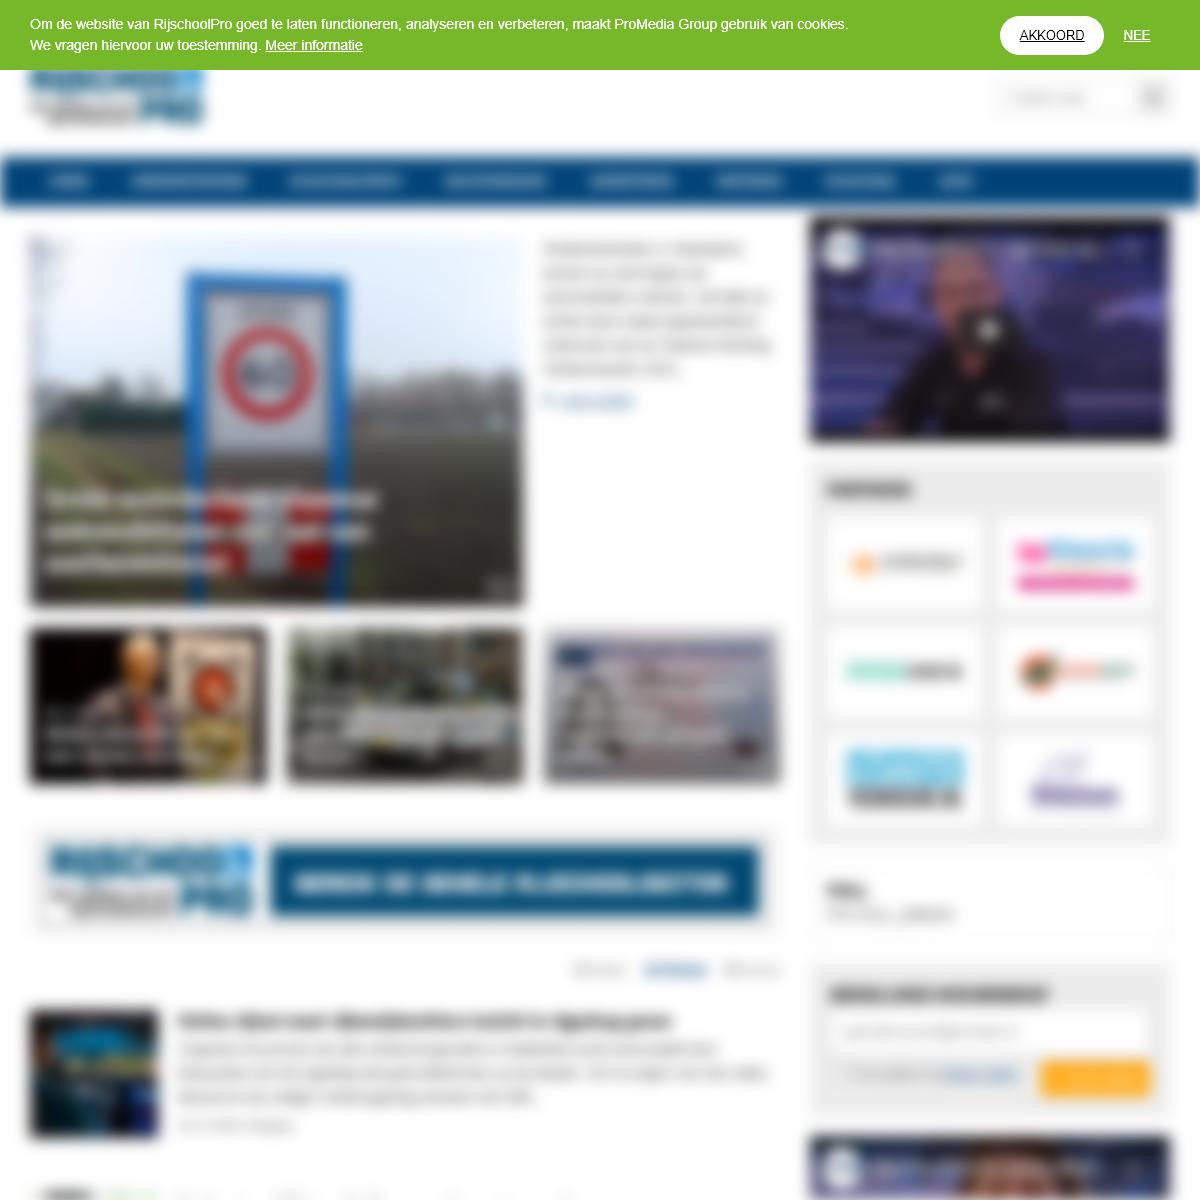 RijschoolPro - Het vakblad voor de rijschoolbranche